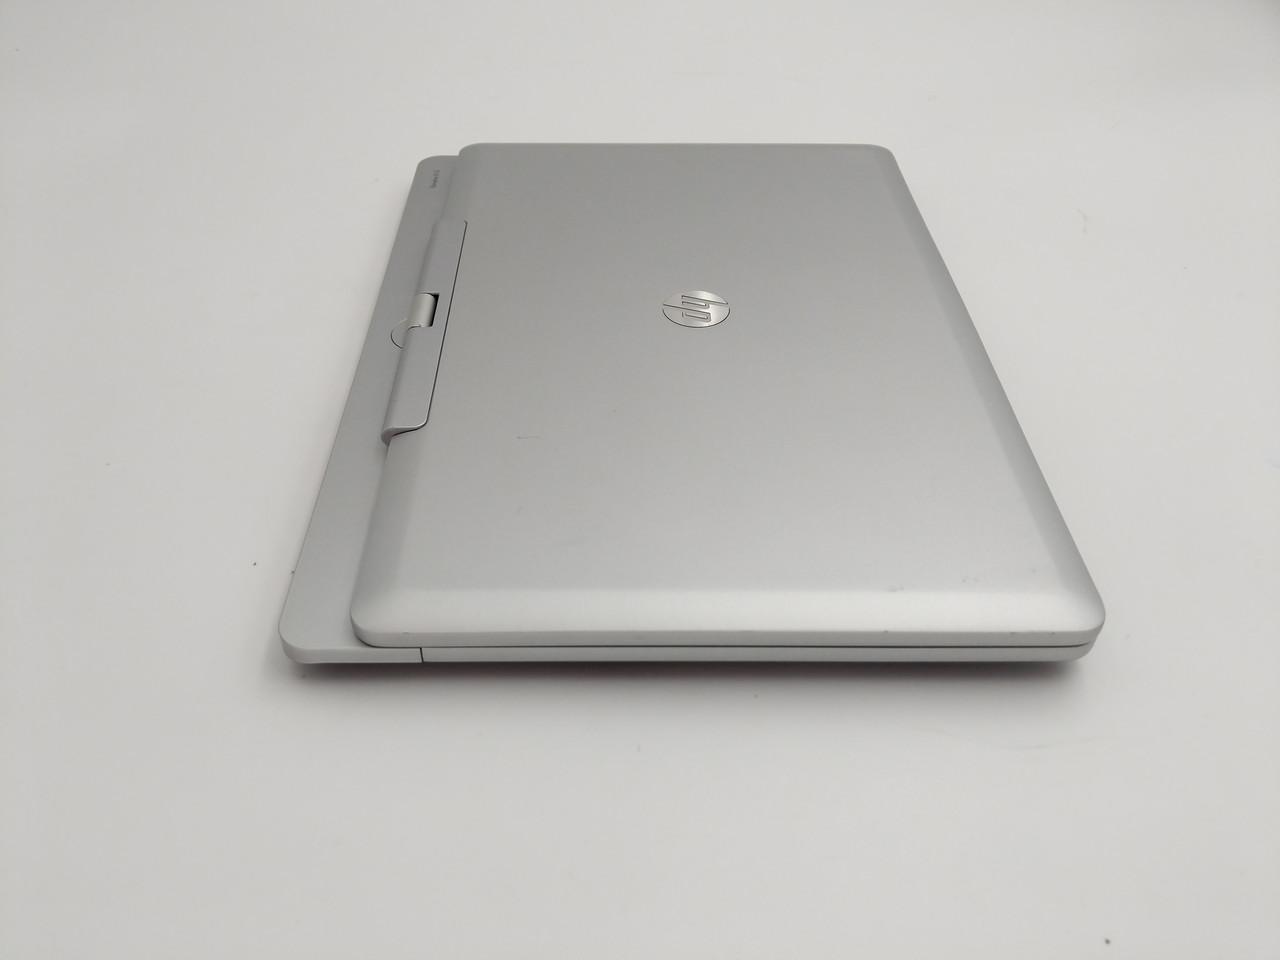 Б/У HP Elitebook Revolve 810 G1 11,6″  i5-3437U /DDR3 8 Gb /SSD Нет в наличии 8